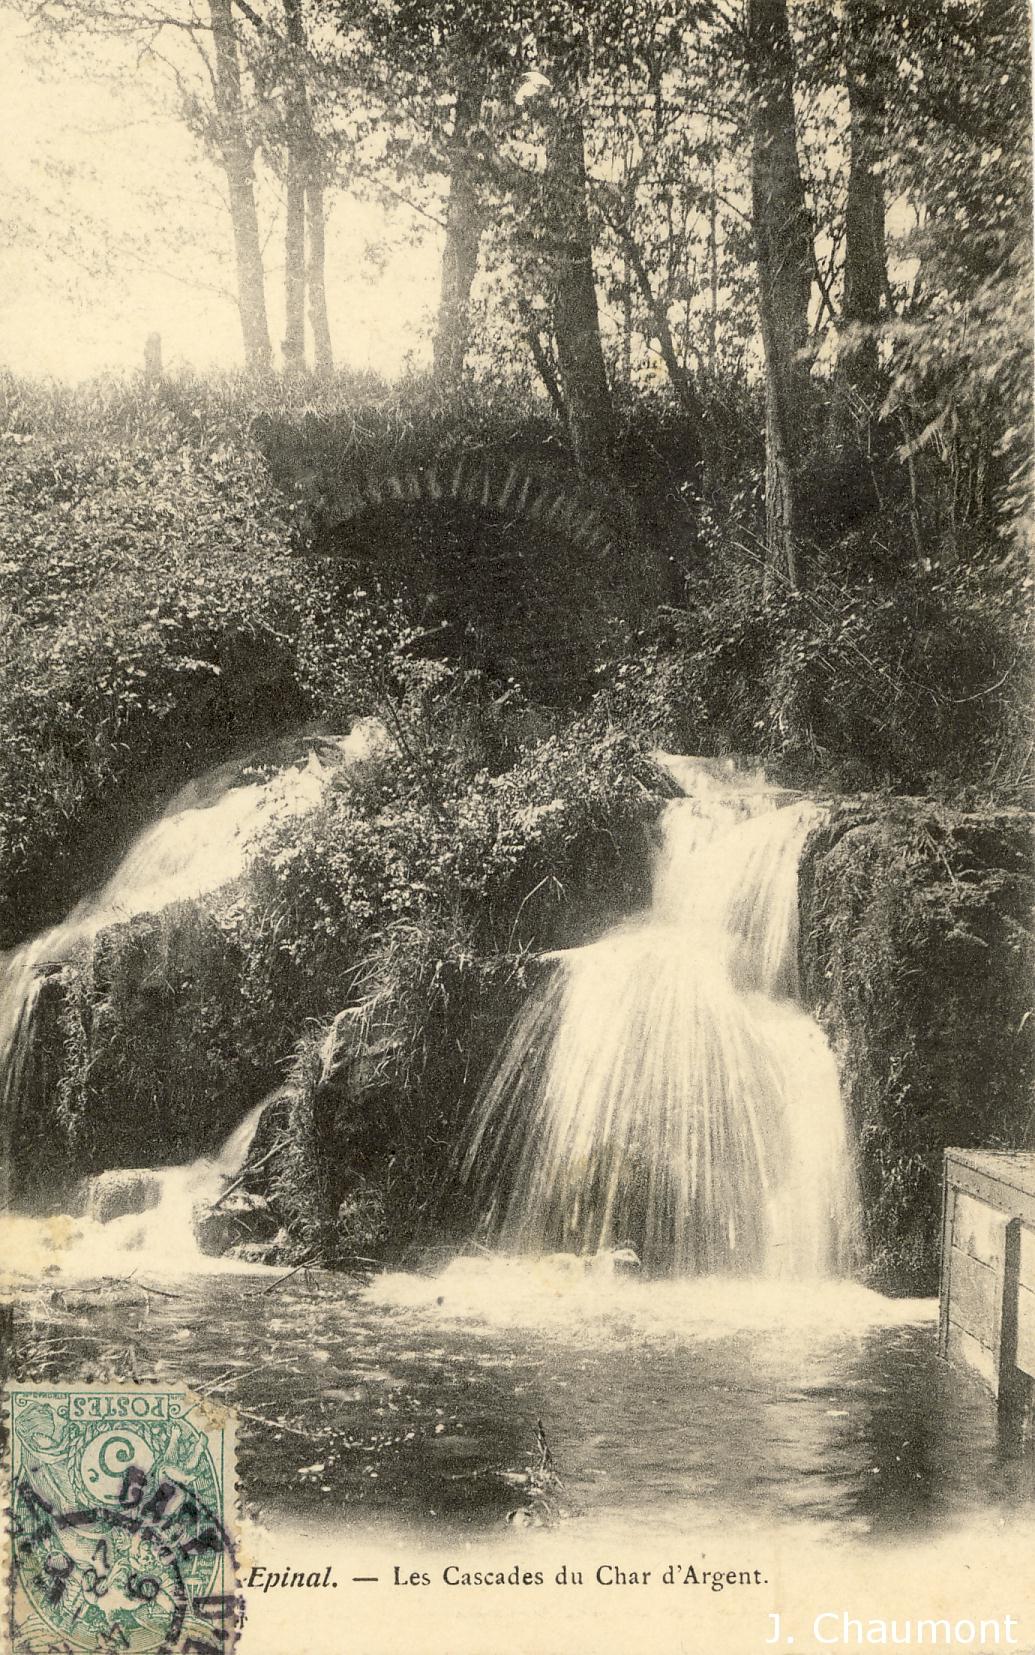 Les Cascades du Char d'Argent vers 1906